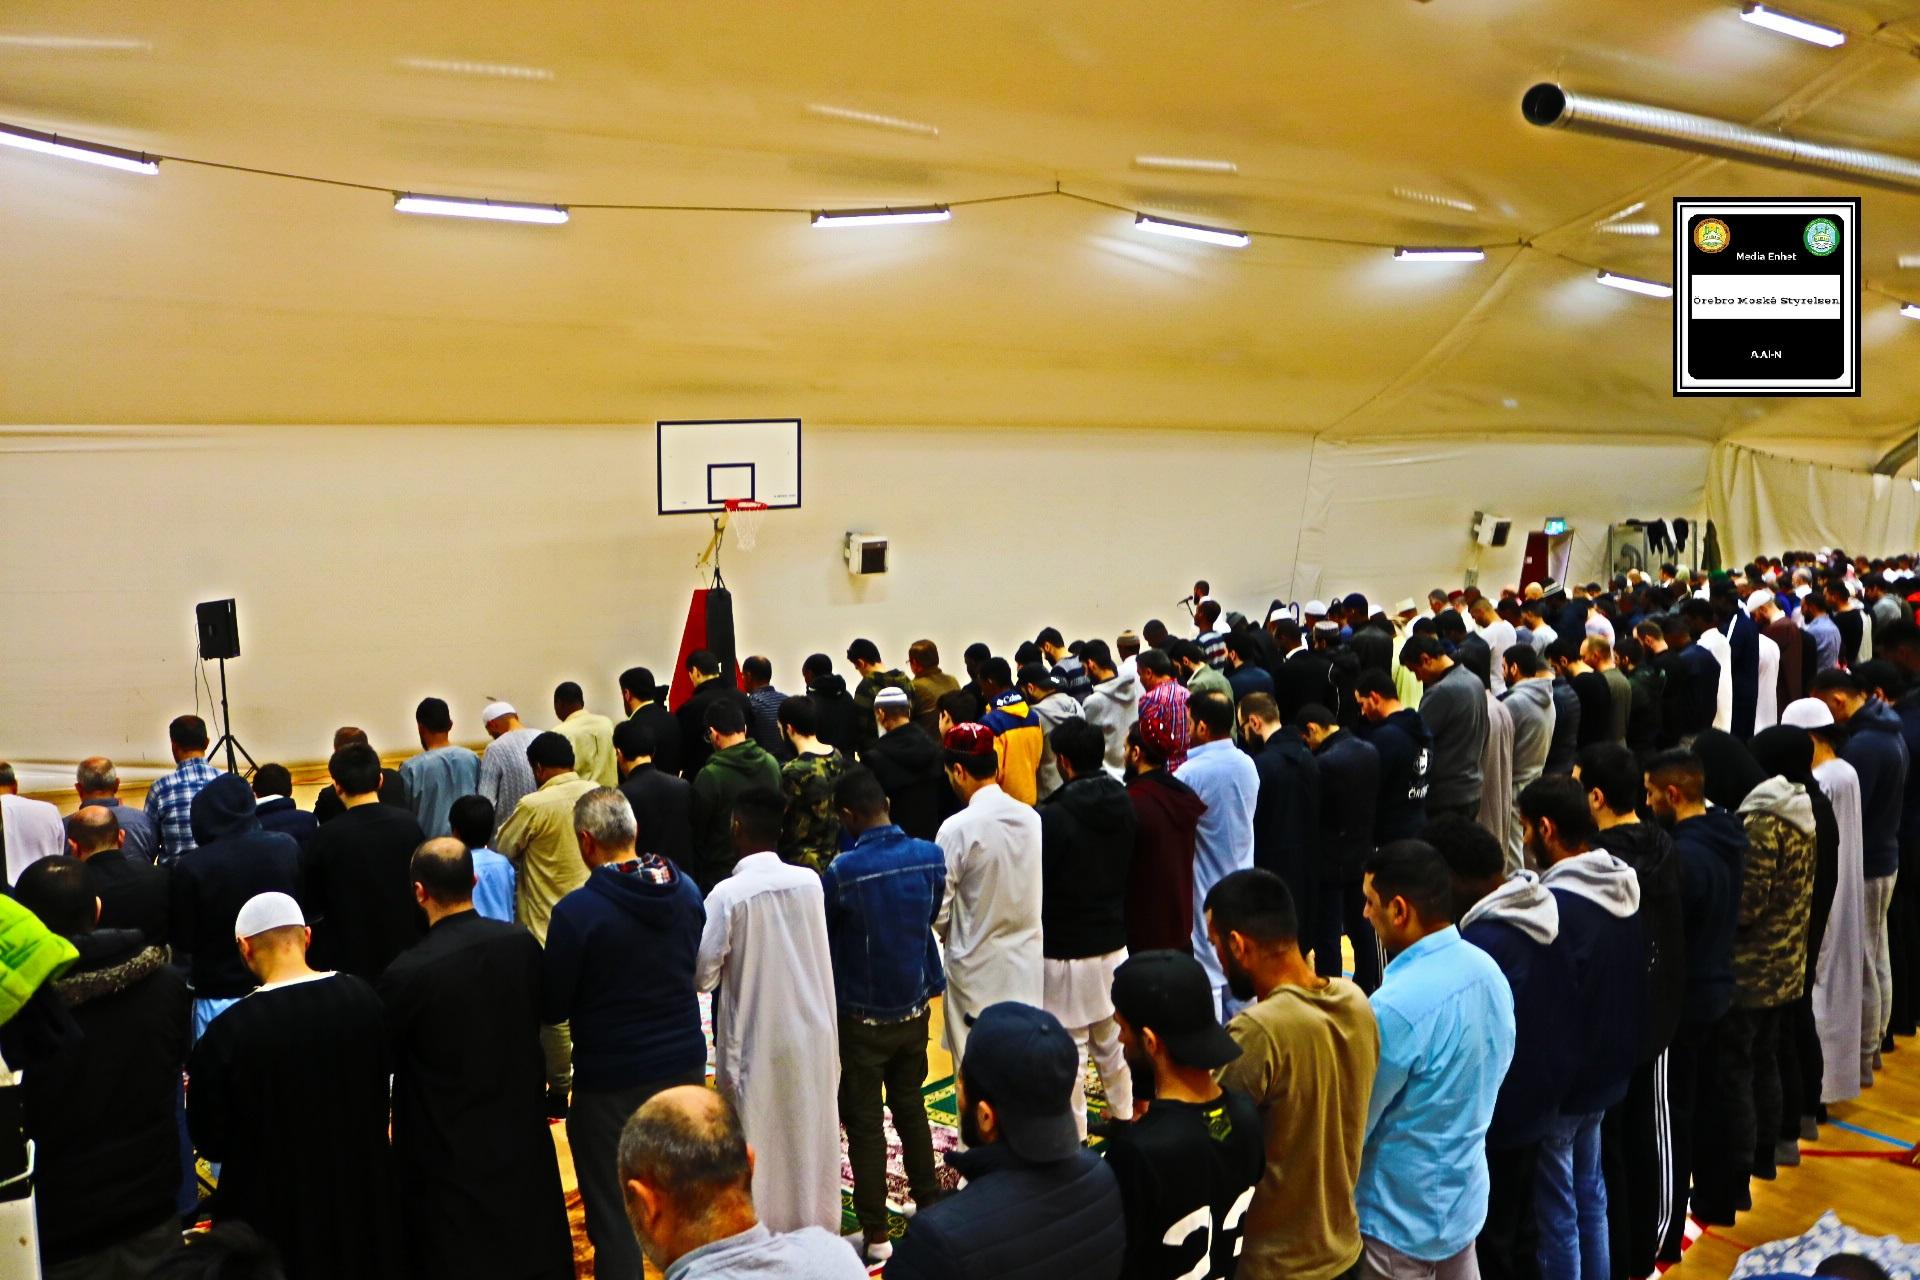 """Ramadan Mubarak ***************************** صلاة التراويح لليوم السادس والعشرون من شهر رمضان المبارك ***************************** 2019-05-31 *************************** FILMED ON LOCATION *************************** Ballonghallen i Örebro """"En tillfällig plats efter moskén brändes"""" *************************** Sverige – السويد – Sweden *************************** DIRECTED BY ********************************* A.Al-N ********************************* Effected Video (Facebook) ********************************* Irakier i Örebro – Iraqis in Orebro (Facebook) ********************************* Örebro moské älskare – Orebro mosque lovers – محبي مسجد اوربرو (Facebook) ************************************************ Effected Video (YouTube) http://www.youtube.com/channel/UCSEb-ibpdTXYFwLsCf8E3Aw ************************************************ Baghdad forever (YouTube) http://www.youtube.com/user/baghdadiforever"""